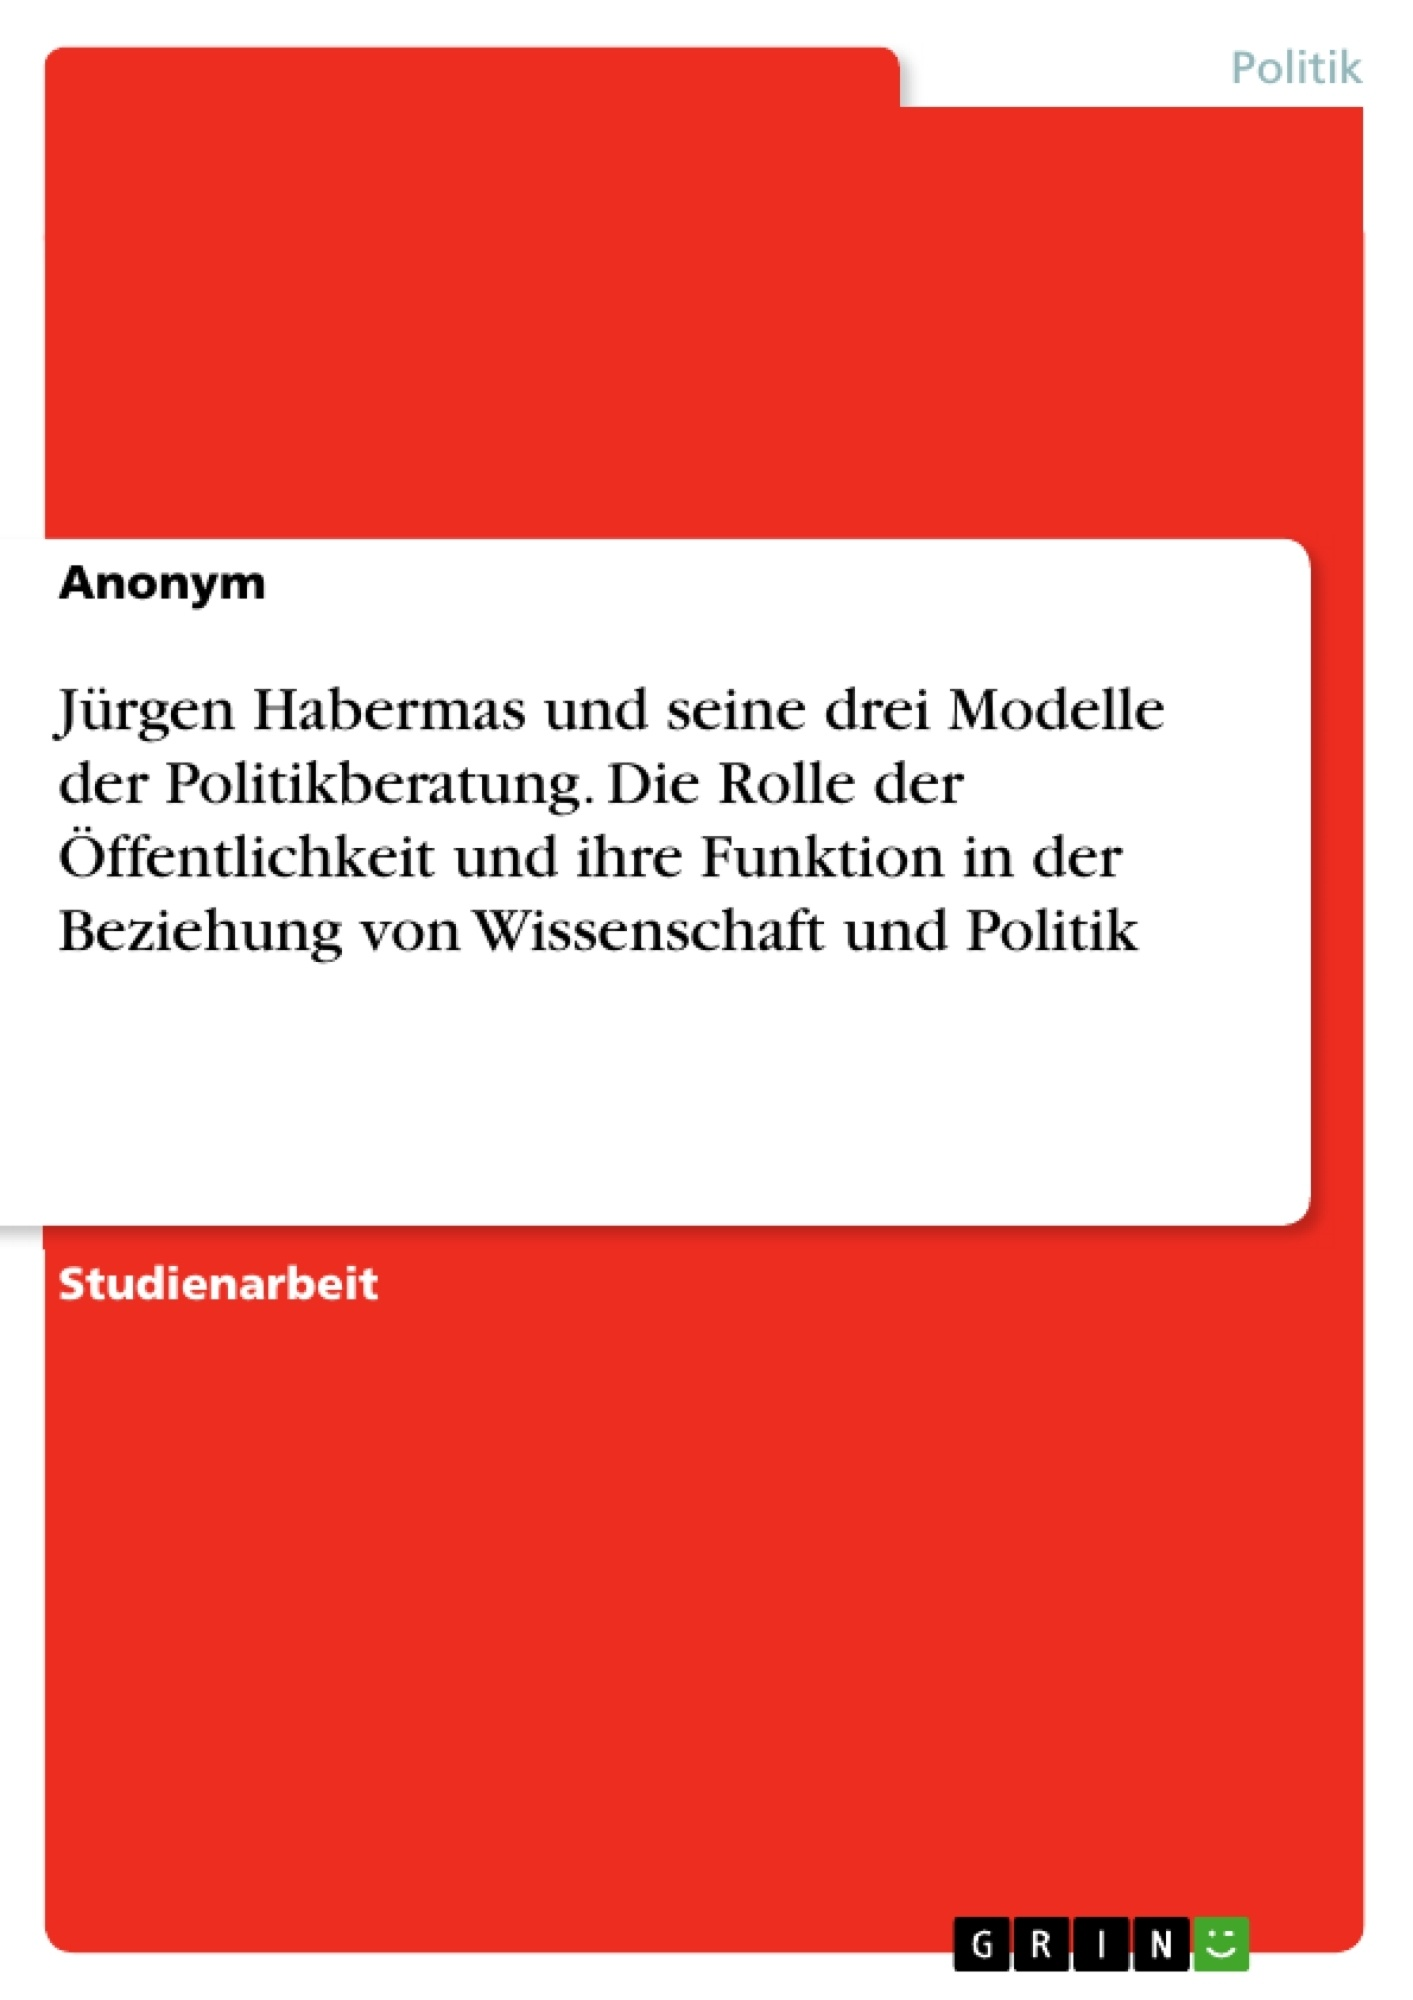 Titel: Jürgen Habermas und seine drei Modelle der Politikberatung. Die Rolle der Öffentlichkeit und ihre Funktion in der Beziehung von Wissenschaft und Politik